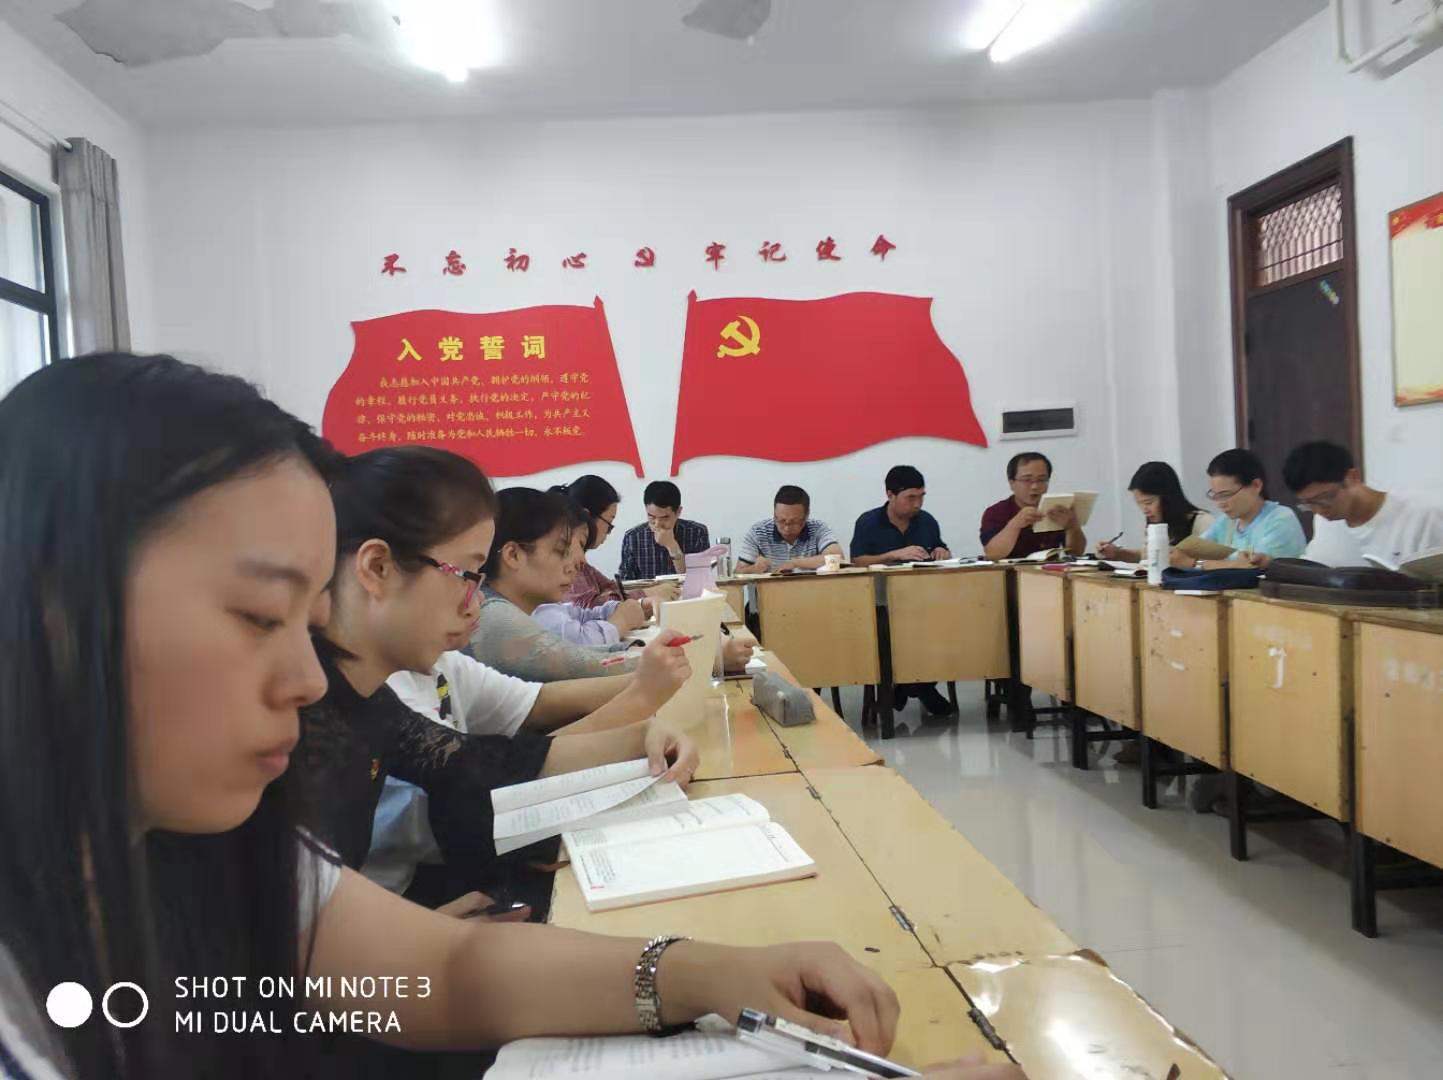 基础教育学院党总支召开全体党员